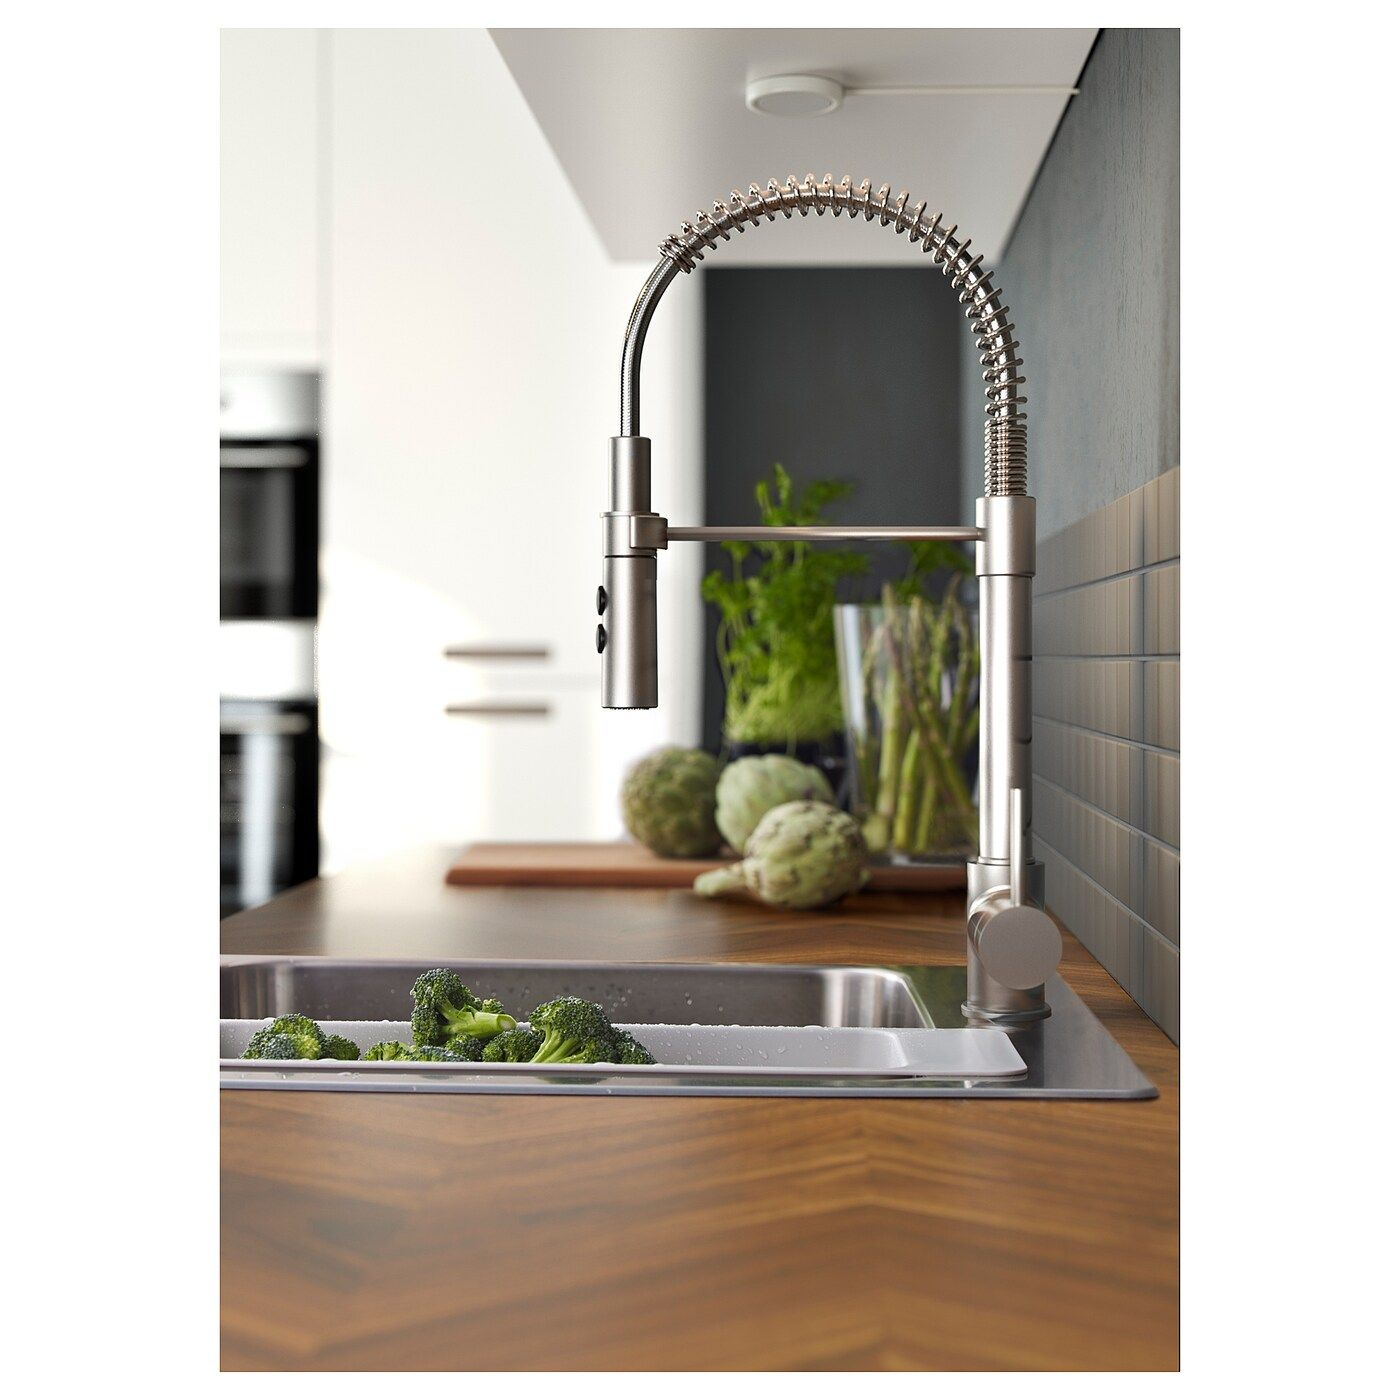 Barkaboda Massarbeitsplatte Nussbaum Furnier Kuchenarmaturen Arbeitsplatte Und Ikea Ideen